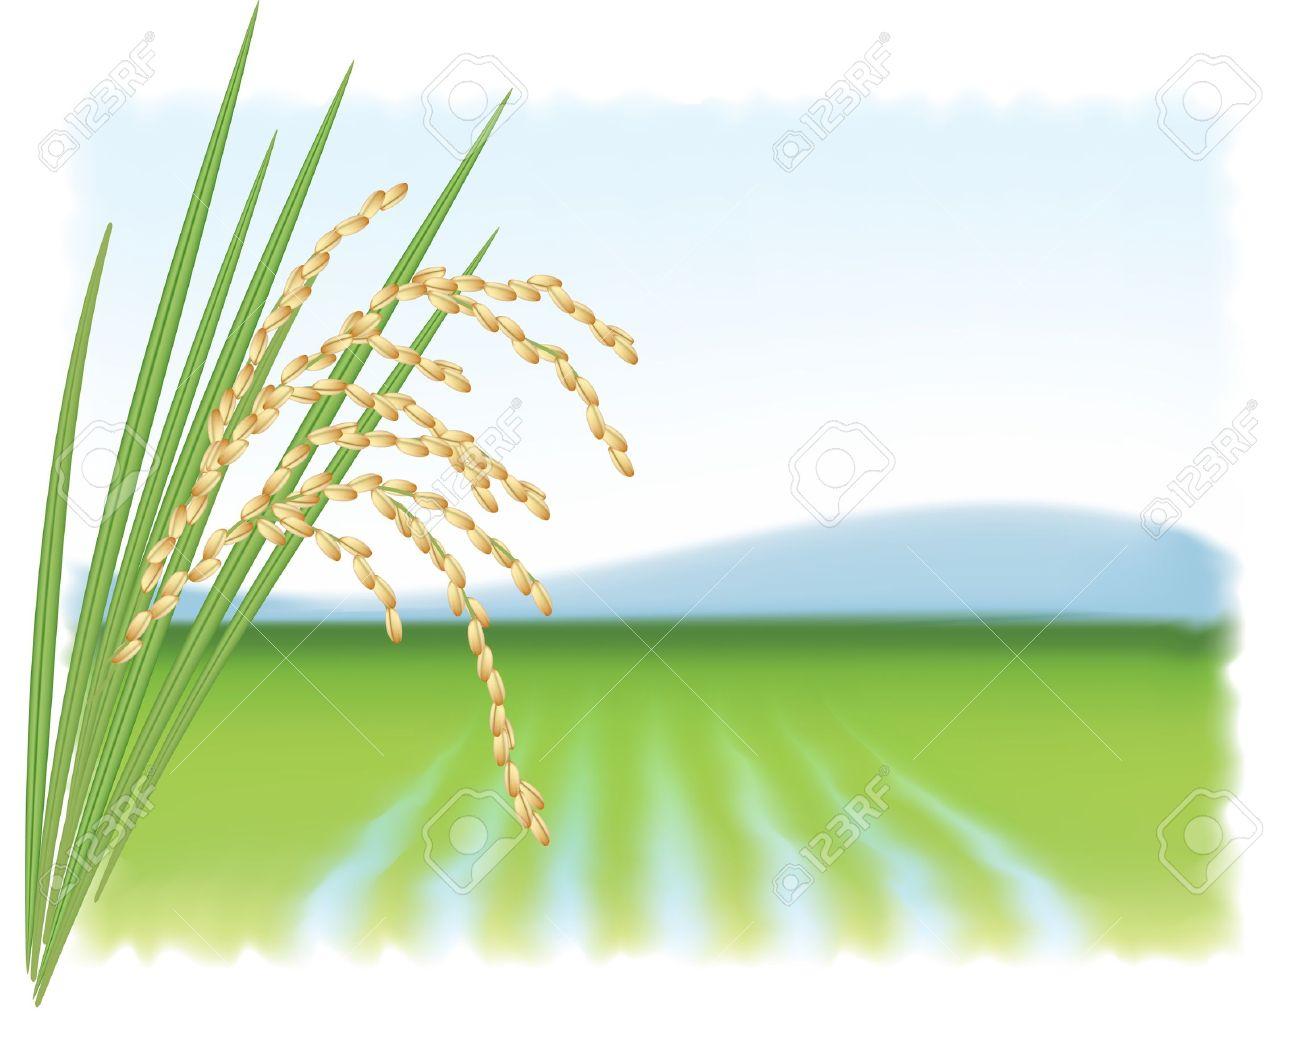 Rice tree clipart.